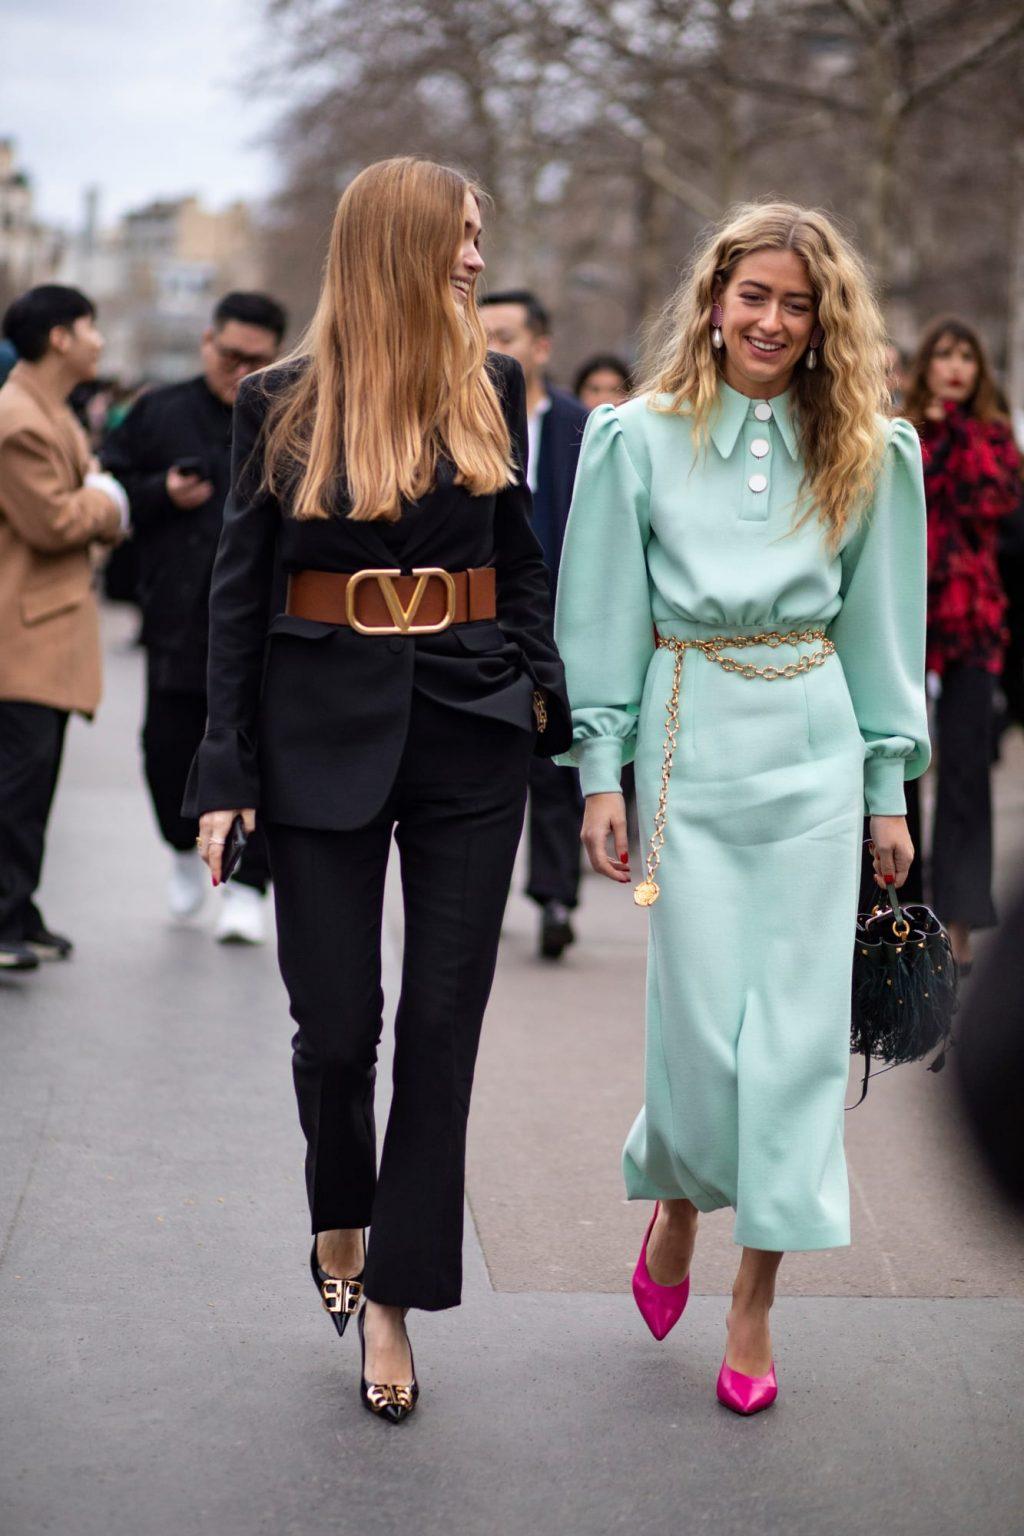 """xu hướng thời trang đường phố hứa hẹn sẽ """"khuấy động"""" làng mốt 20"""